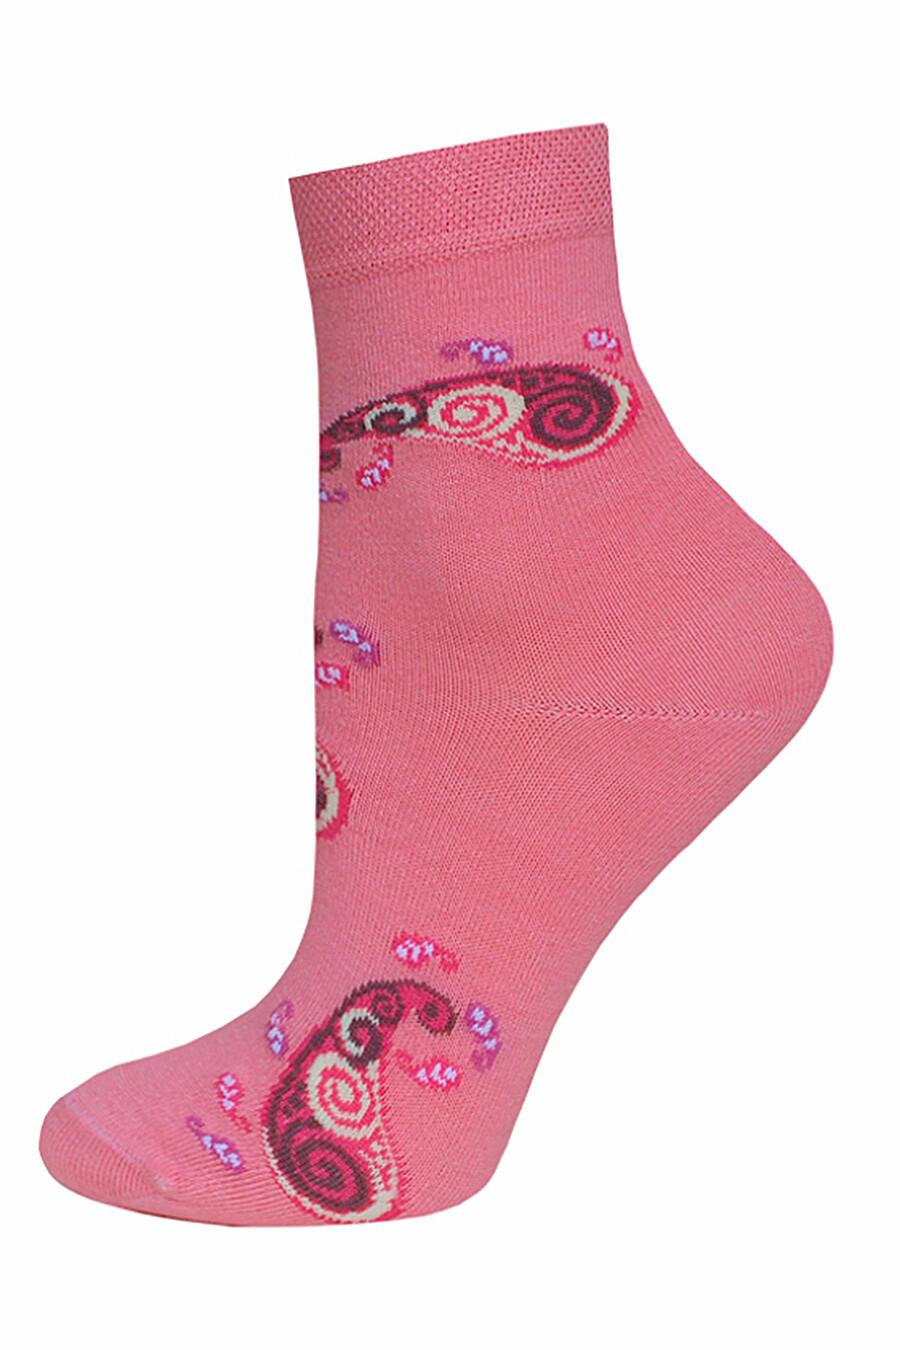 Носки для женщин БРЕСТСКИЕ 226864 купить оптом от производителя. Совместная покупка женской одежды в OptMoyo